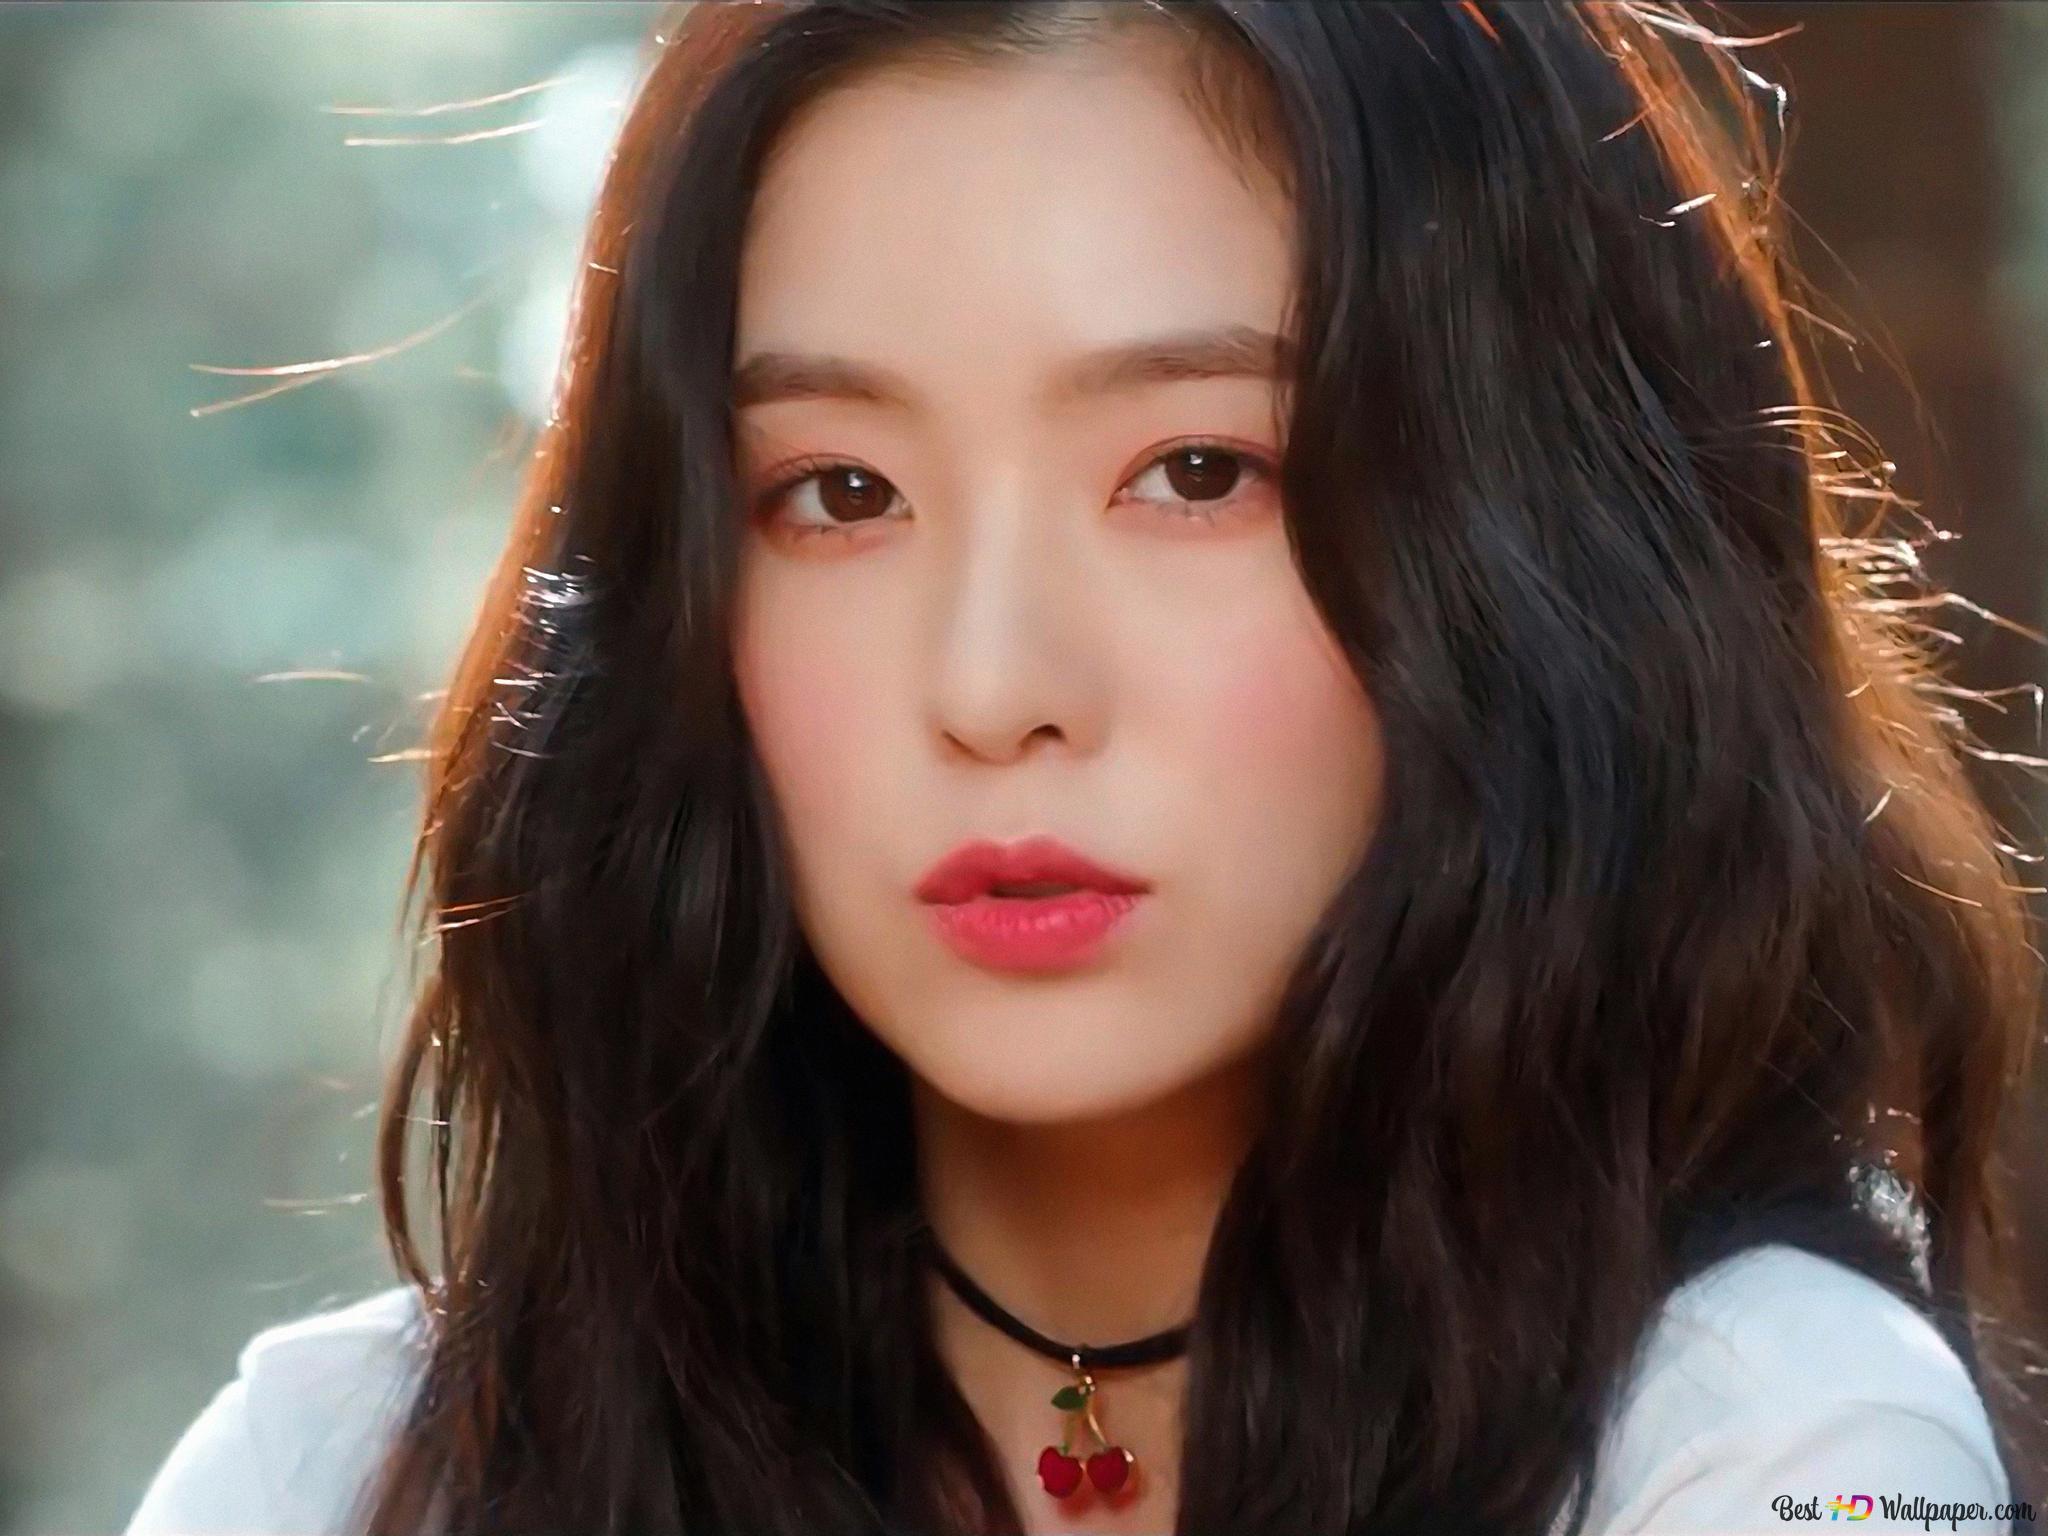 Red Velvet Irene In Cookie Jar Mv Hd Wallpaper Download